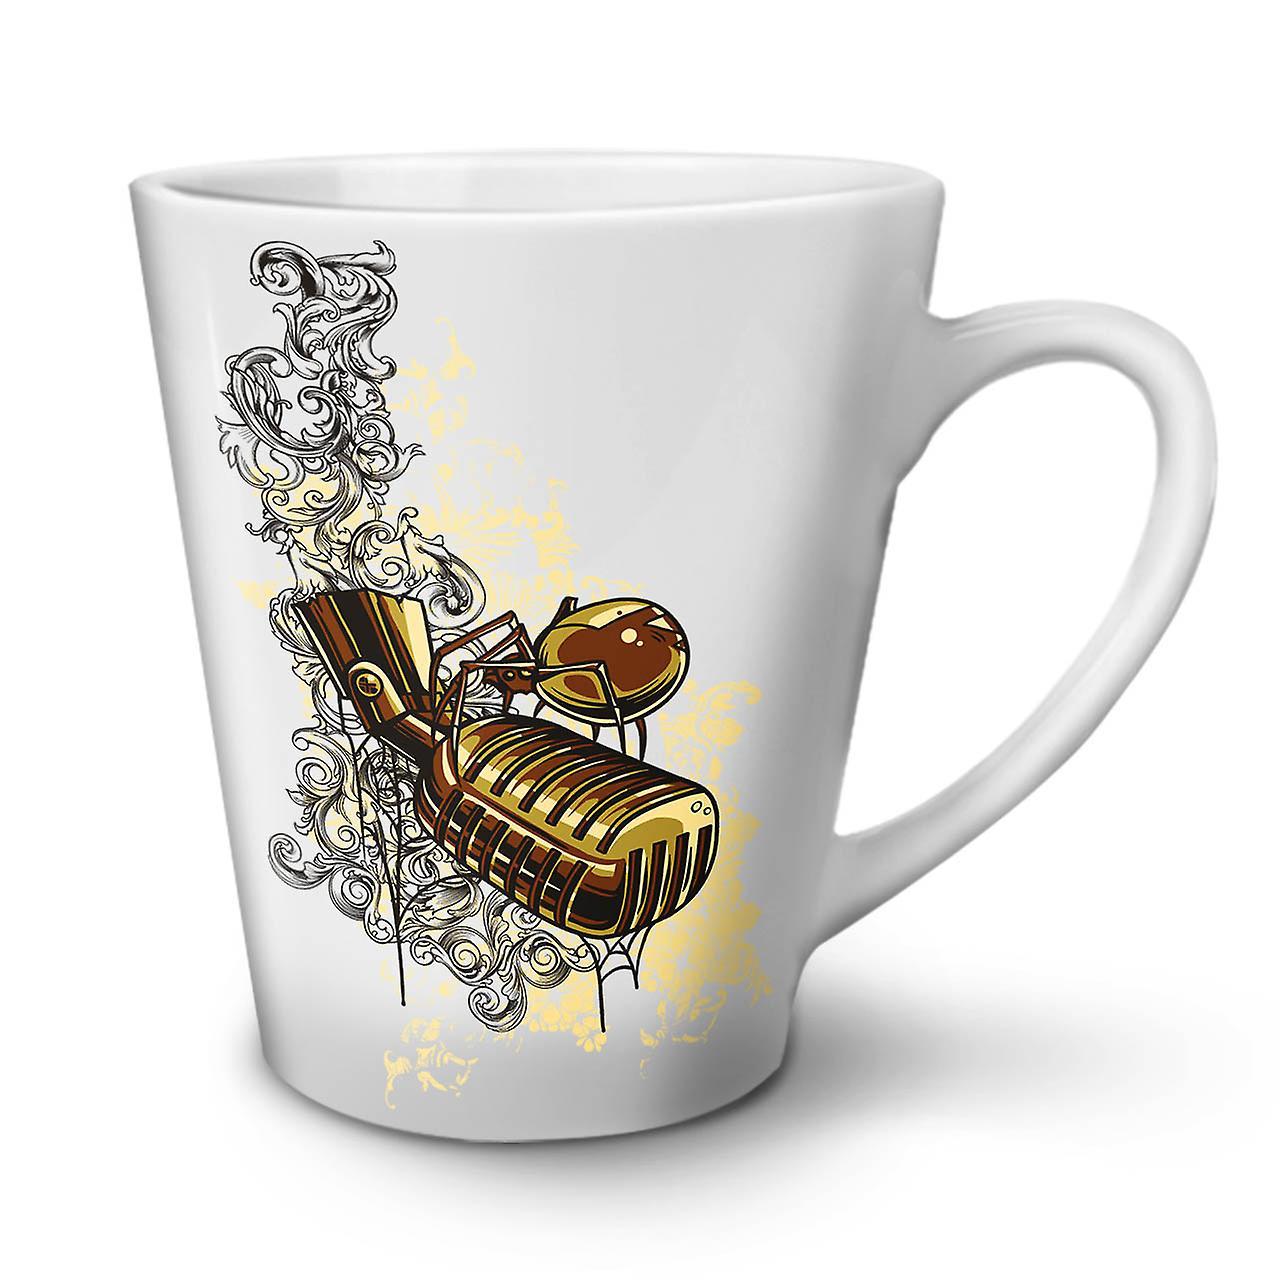 Micro Café OzWellcoda Thé Blanc Céramique 12 De En Gobelet Chanter Latte Musique Nouveau v6ygY7bf